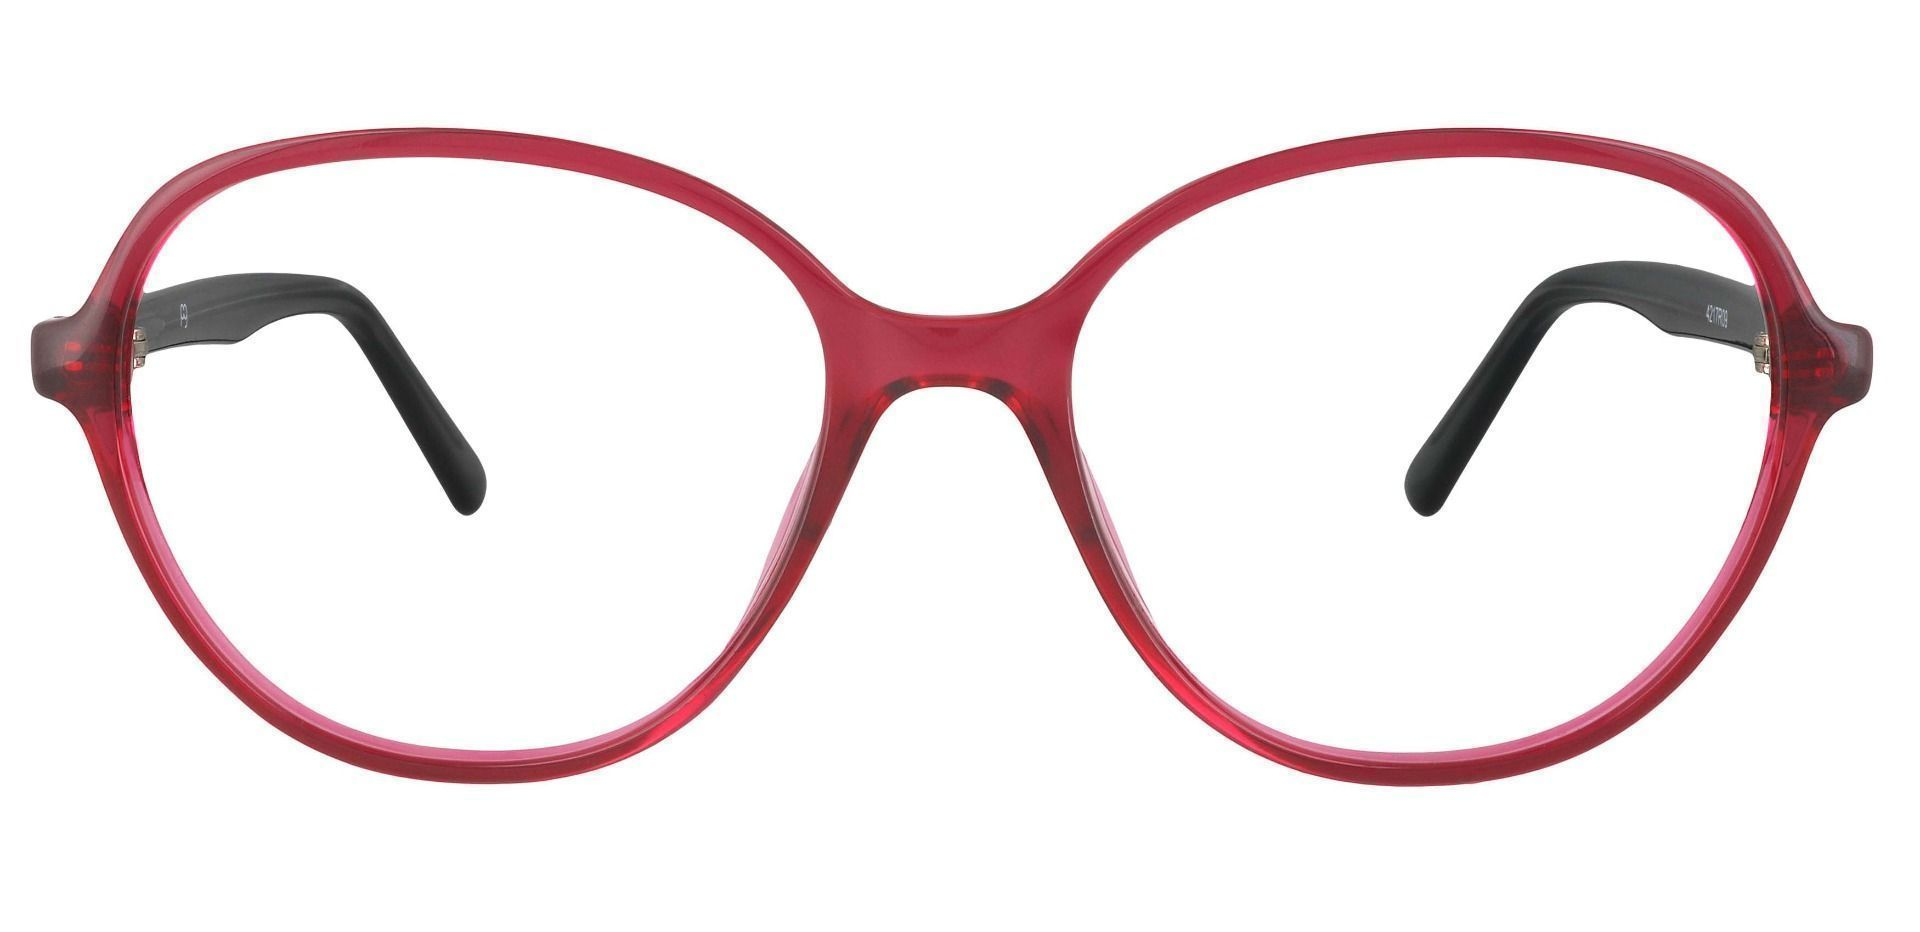 Luella Oval Prescription Glasses - Red